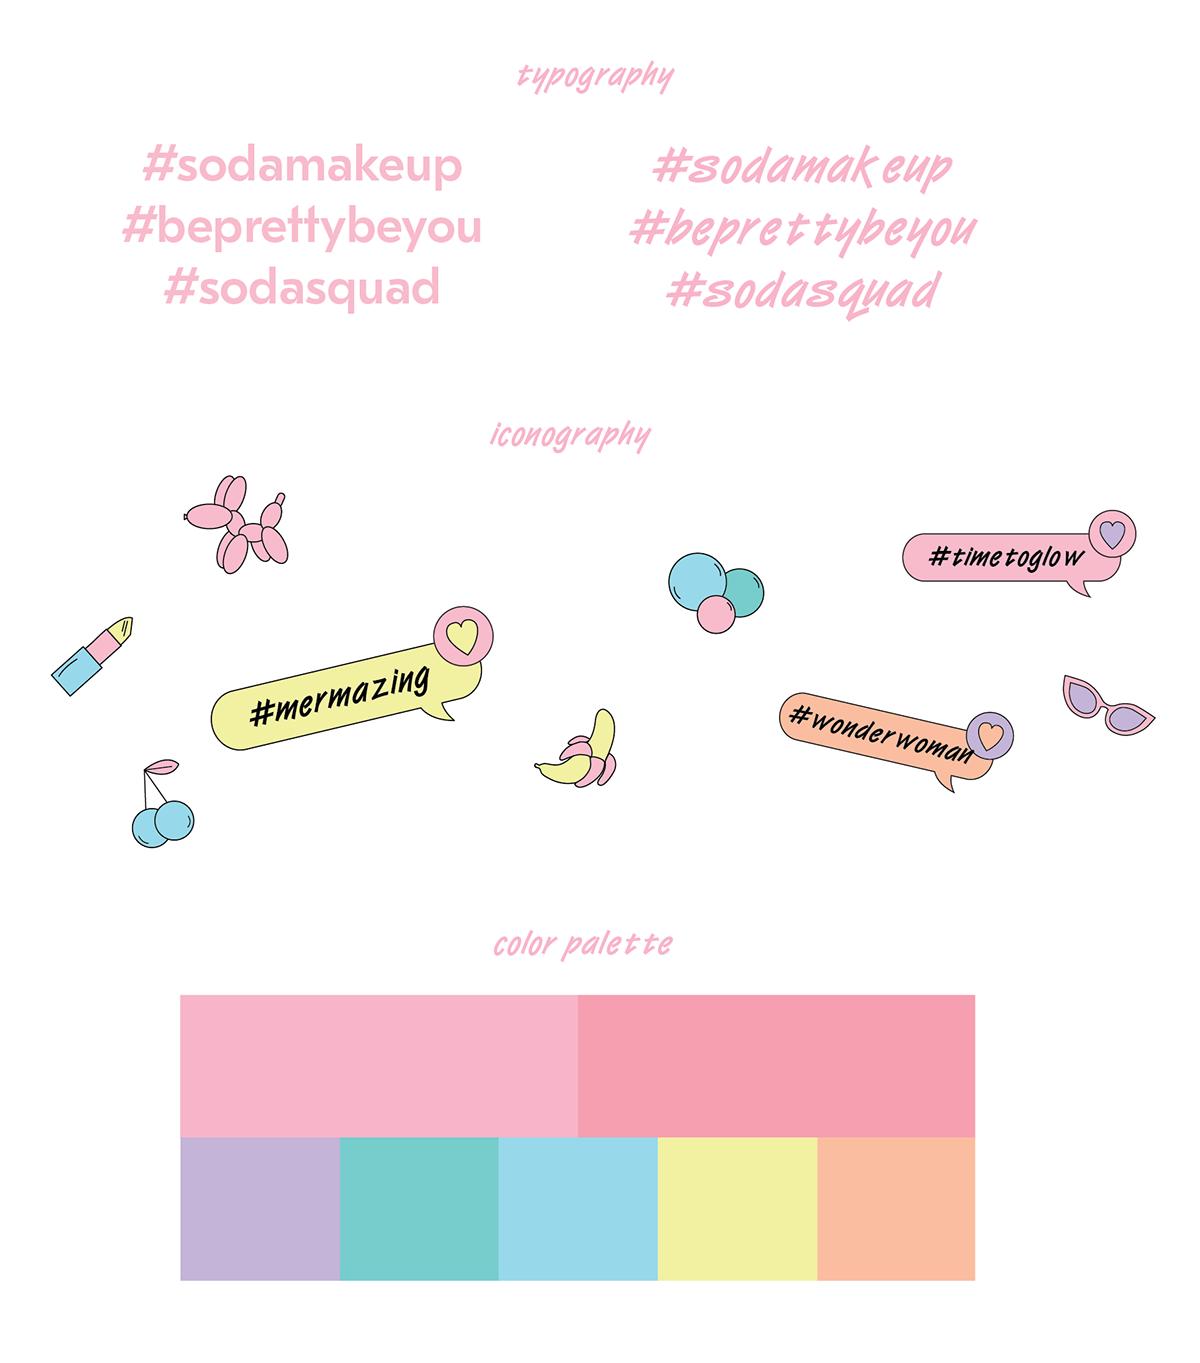 soda化妆品字体与色彩搭配